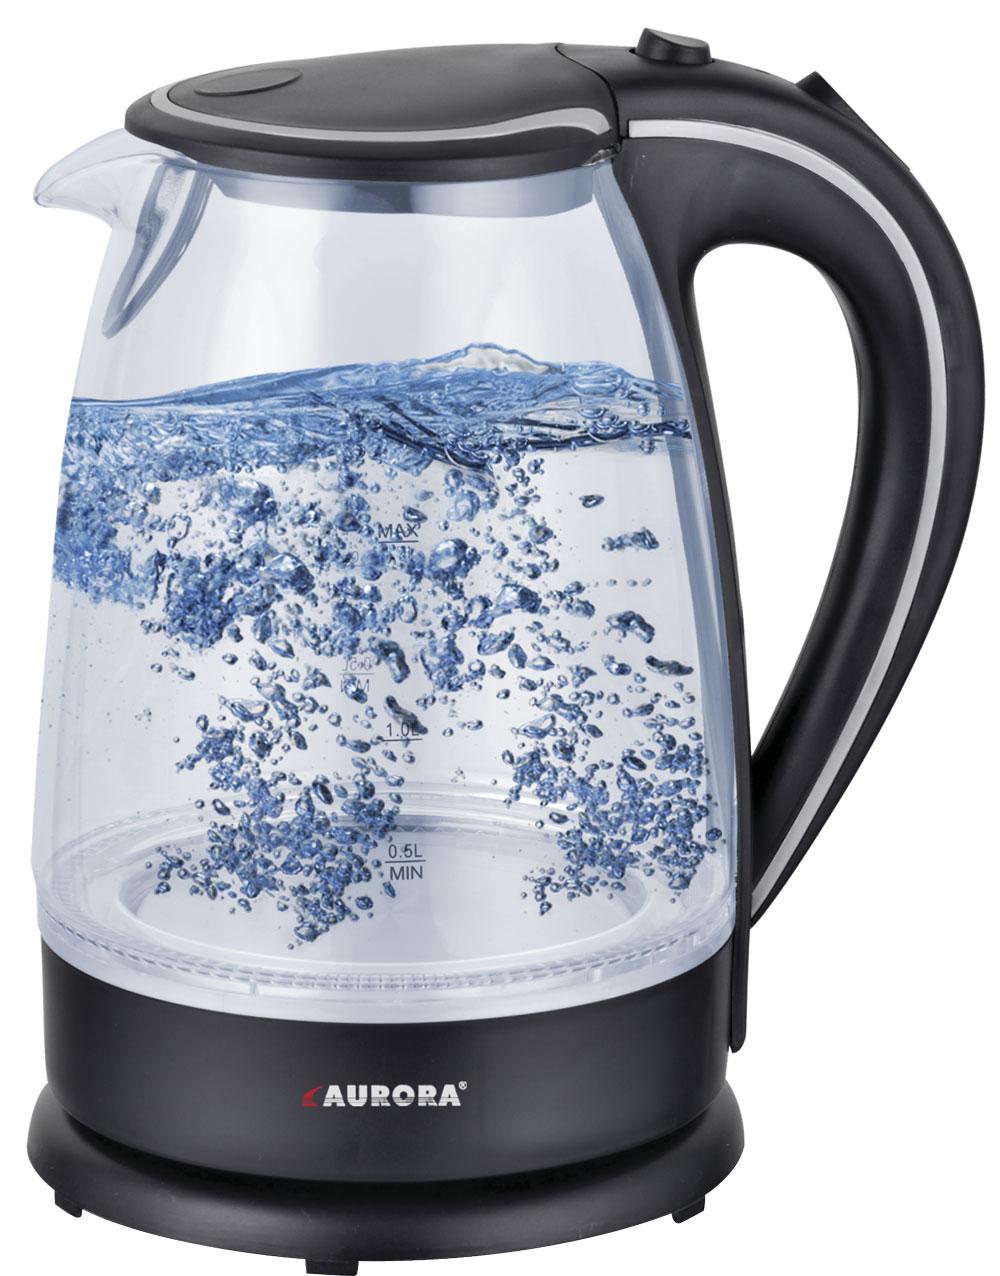 Электрический чайник AURORA Чайник электрический AU3406, черныйAU33522200Вт max / стекло / 1,7л / дисковый нагревательный элемент / фильтр / шкала уровня воды / индикация работы / подсветка